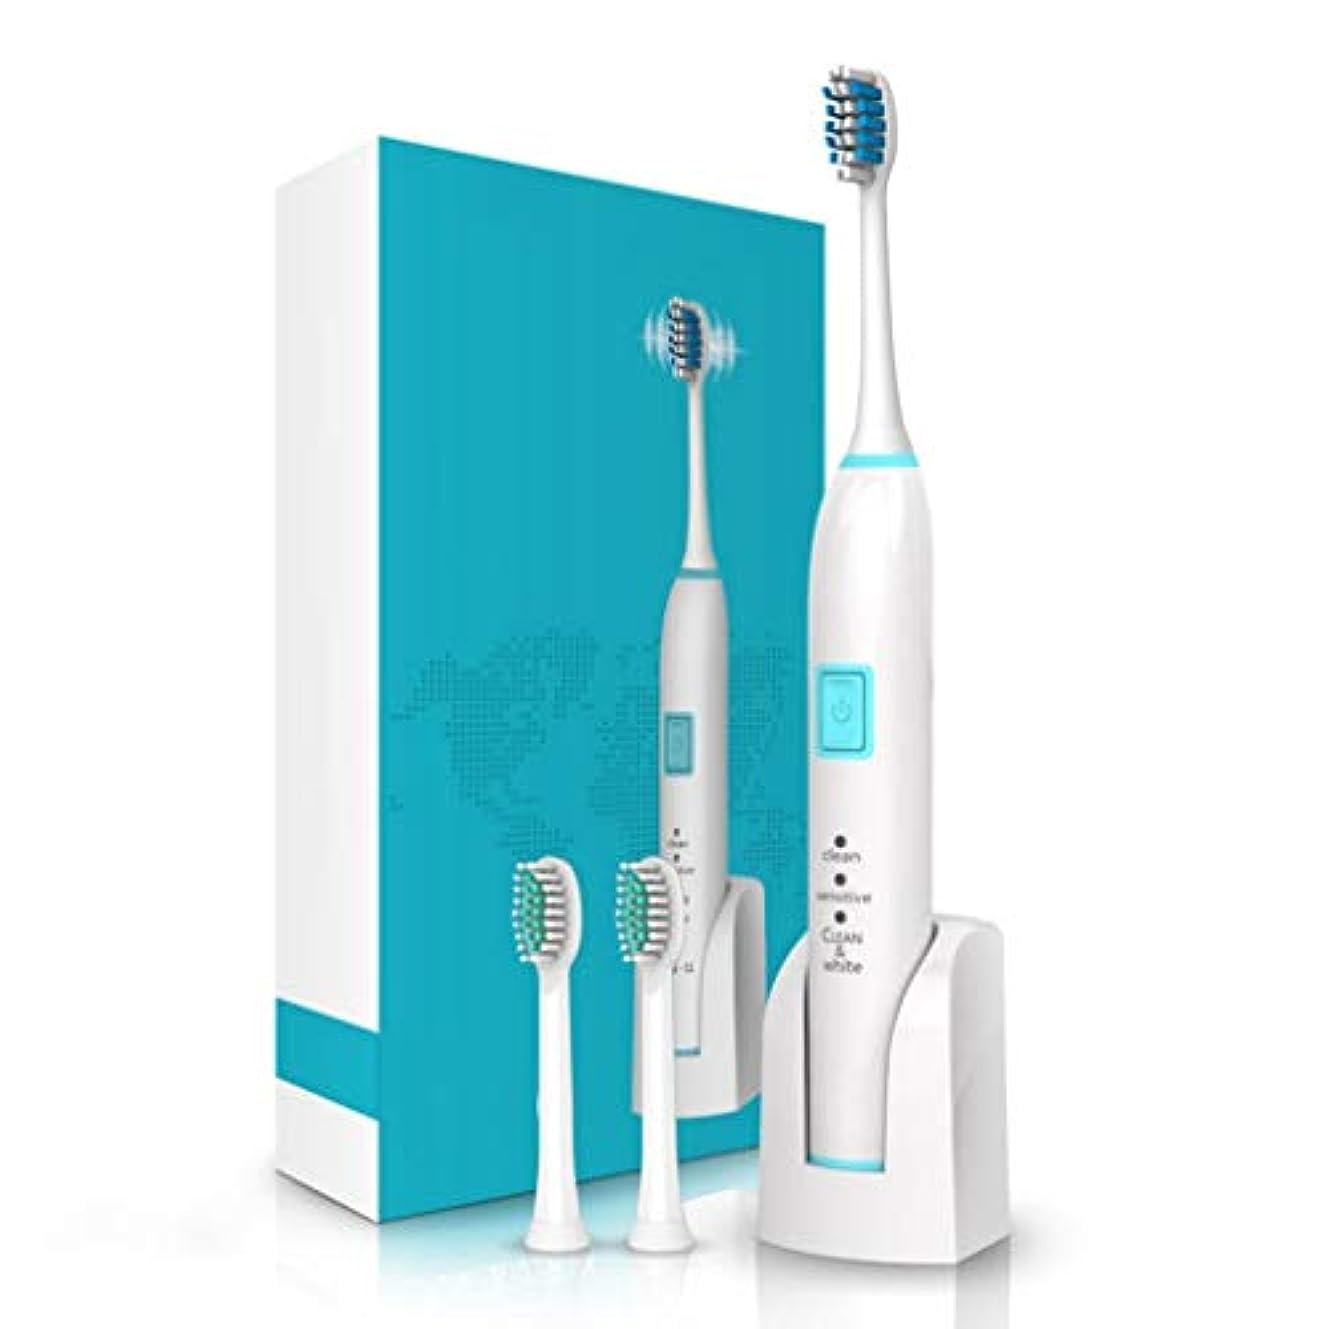 製油所ガチョウ置き場電動歯ブラシ2分のスマートタイマー2の取り替えの頭部が付いている歯科医の音波の歯ブラシのようにきれいな歯は十分に洗濯できる